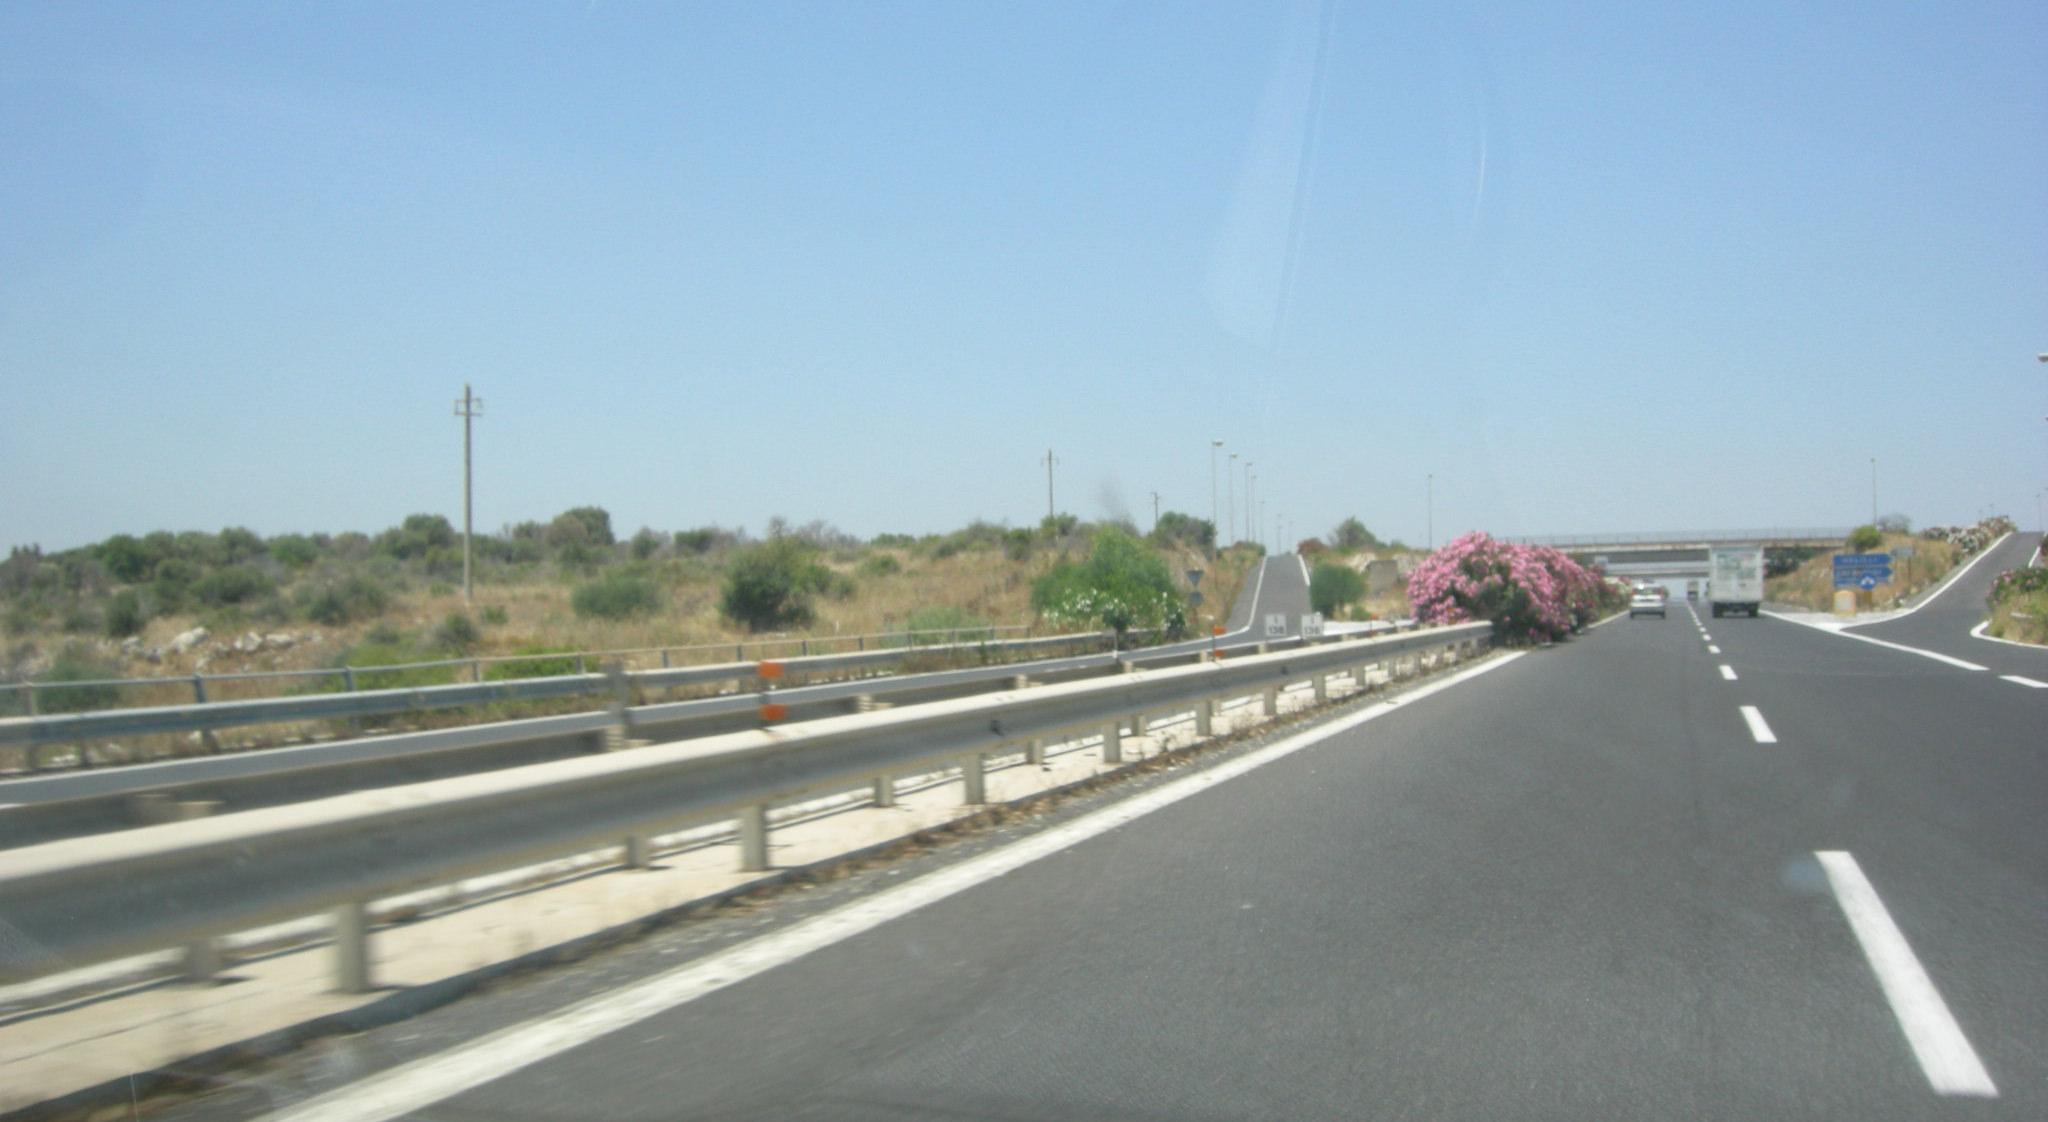 Catania-Siracusa, lavori di pavimentazione sull'autostrada fino al 6 ottobre: ecco i tratti interessati